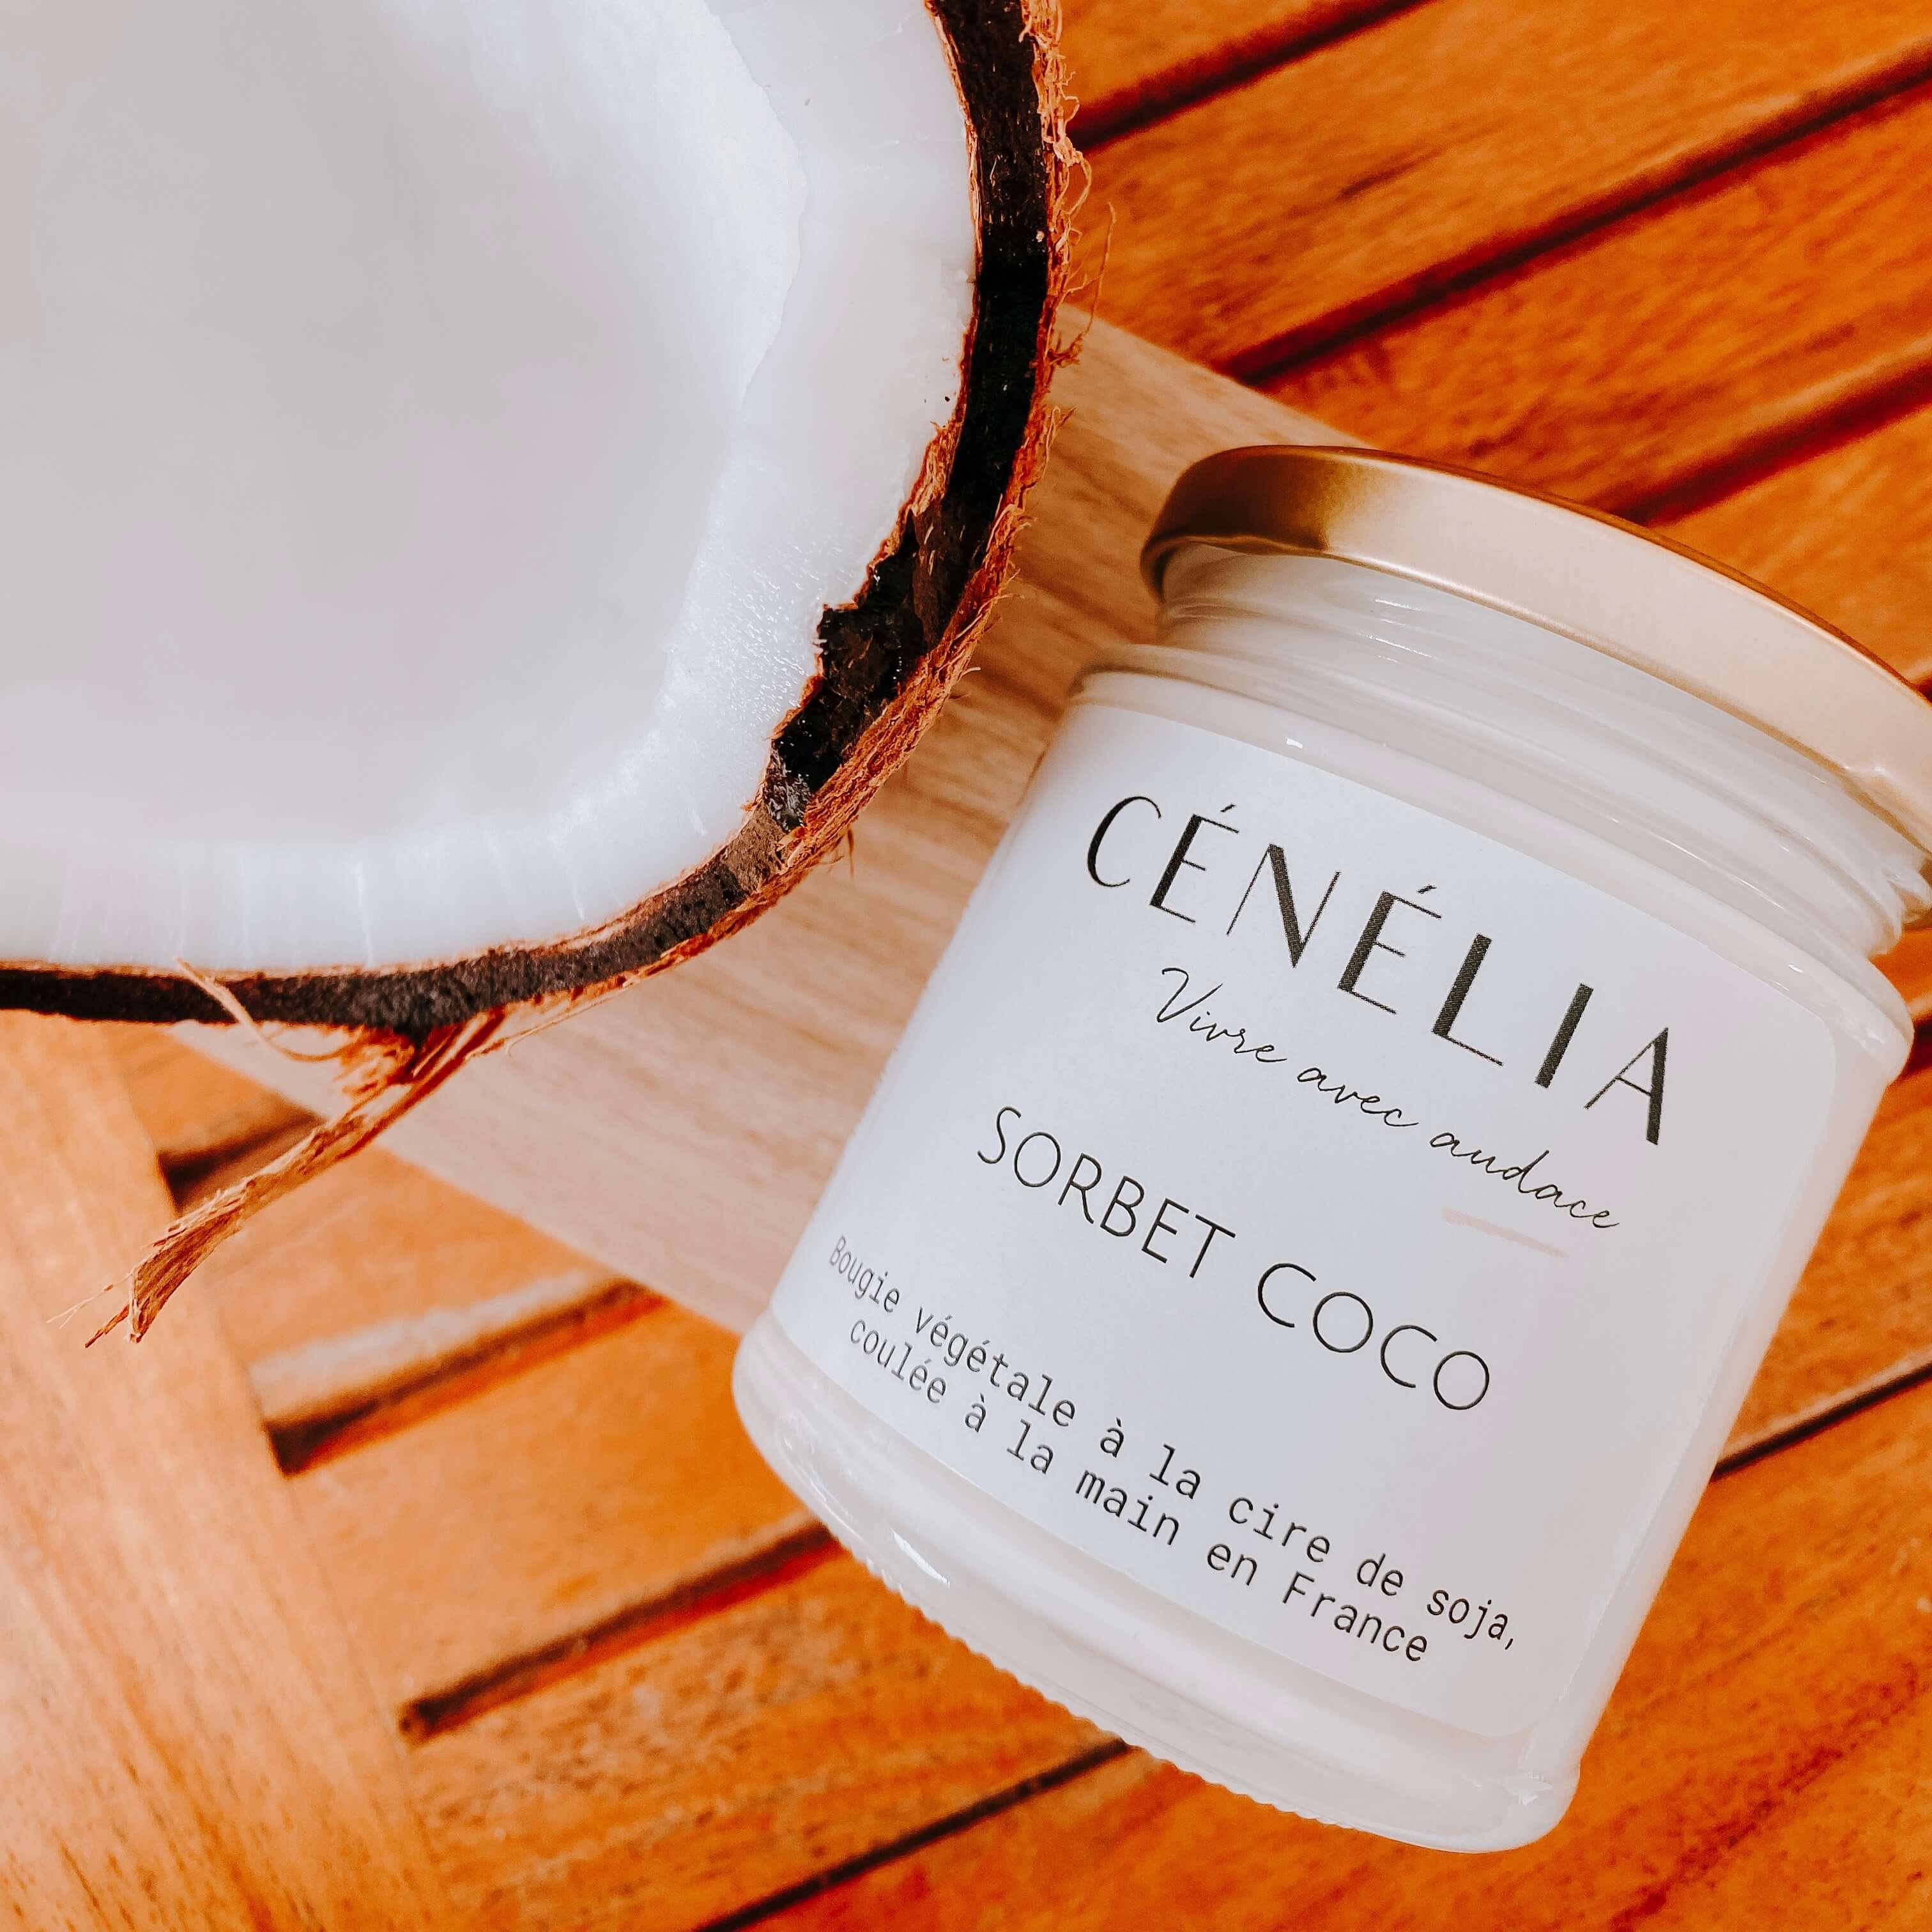 bougie naturelle et parfumée au coco - Cénélia